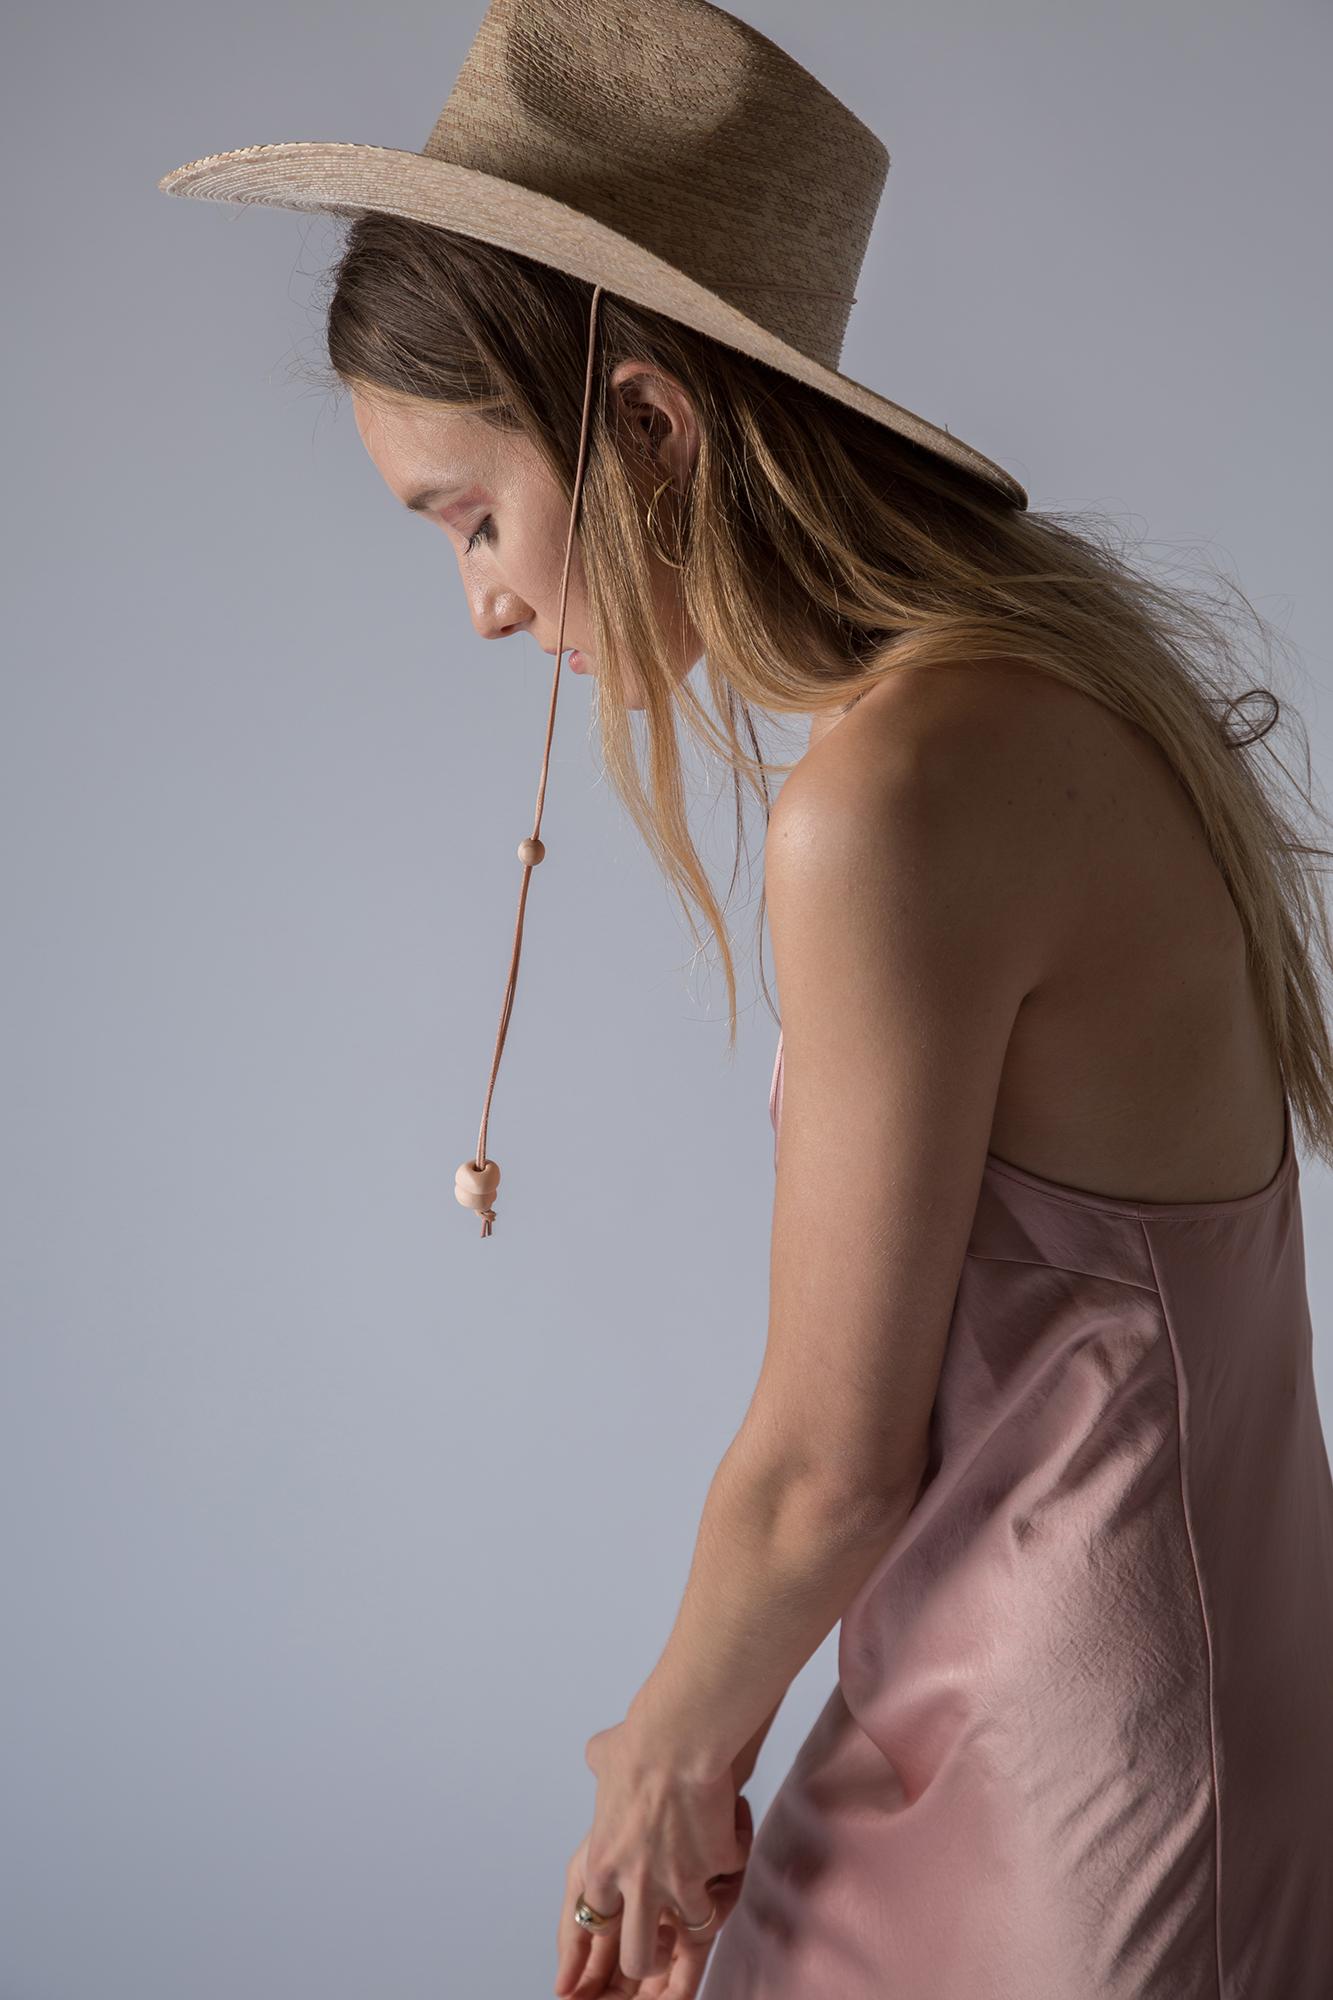 T by Alexander Wang dress, West Perro hat, Argento Vivo earrings.